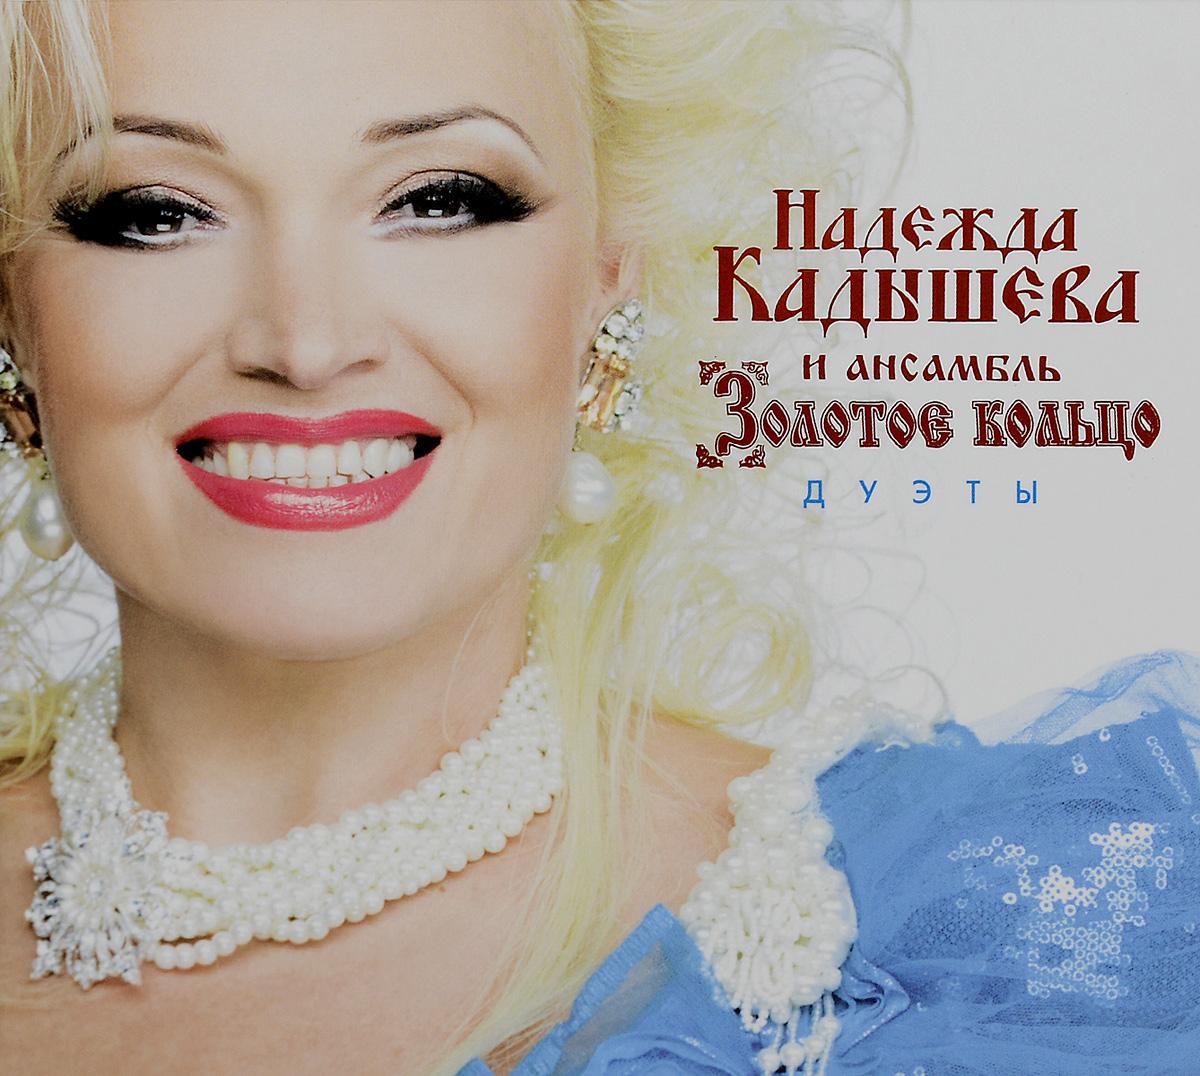 Надежда Кадышева. Дуэты